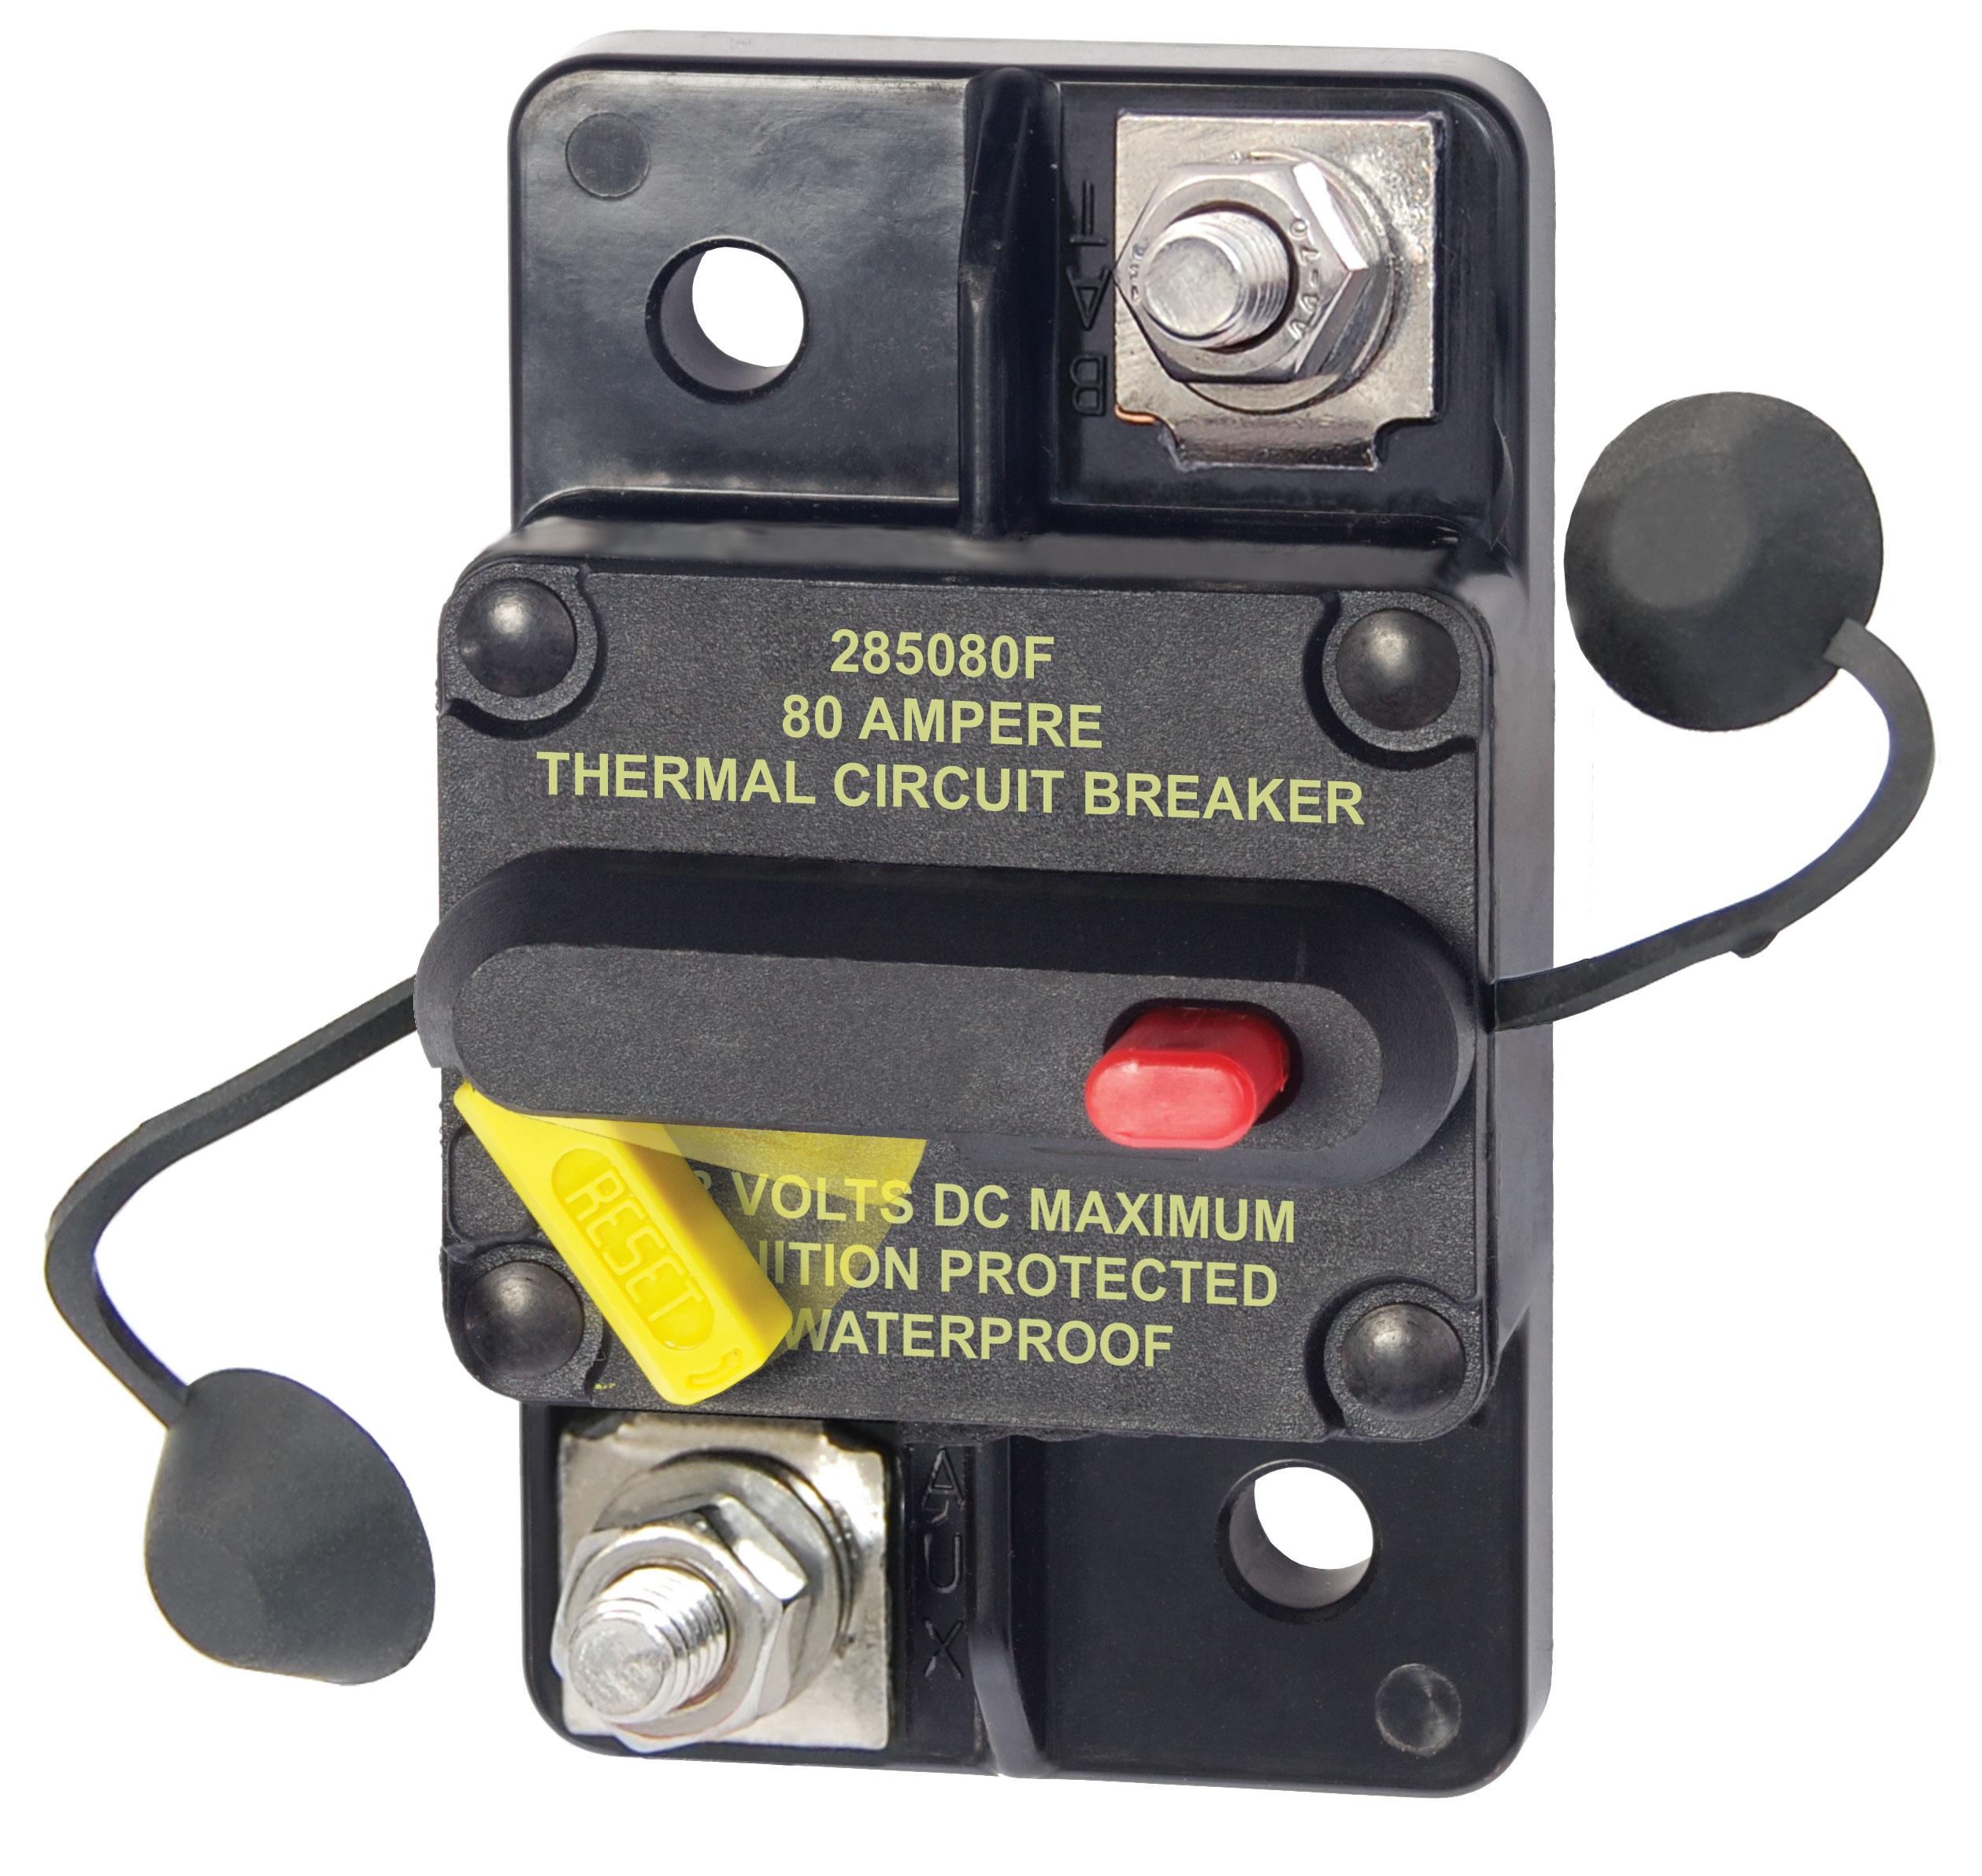 73.18 - Θερμική Ασφάλεια – Επιφανειακή Τοποθέτηση 80Α 48V DC